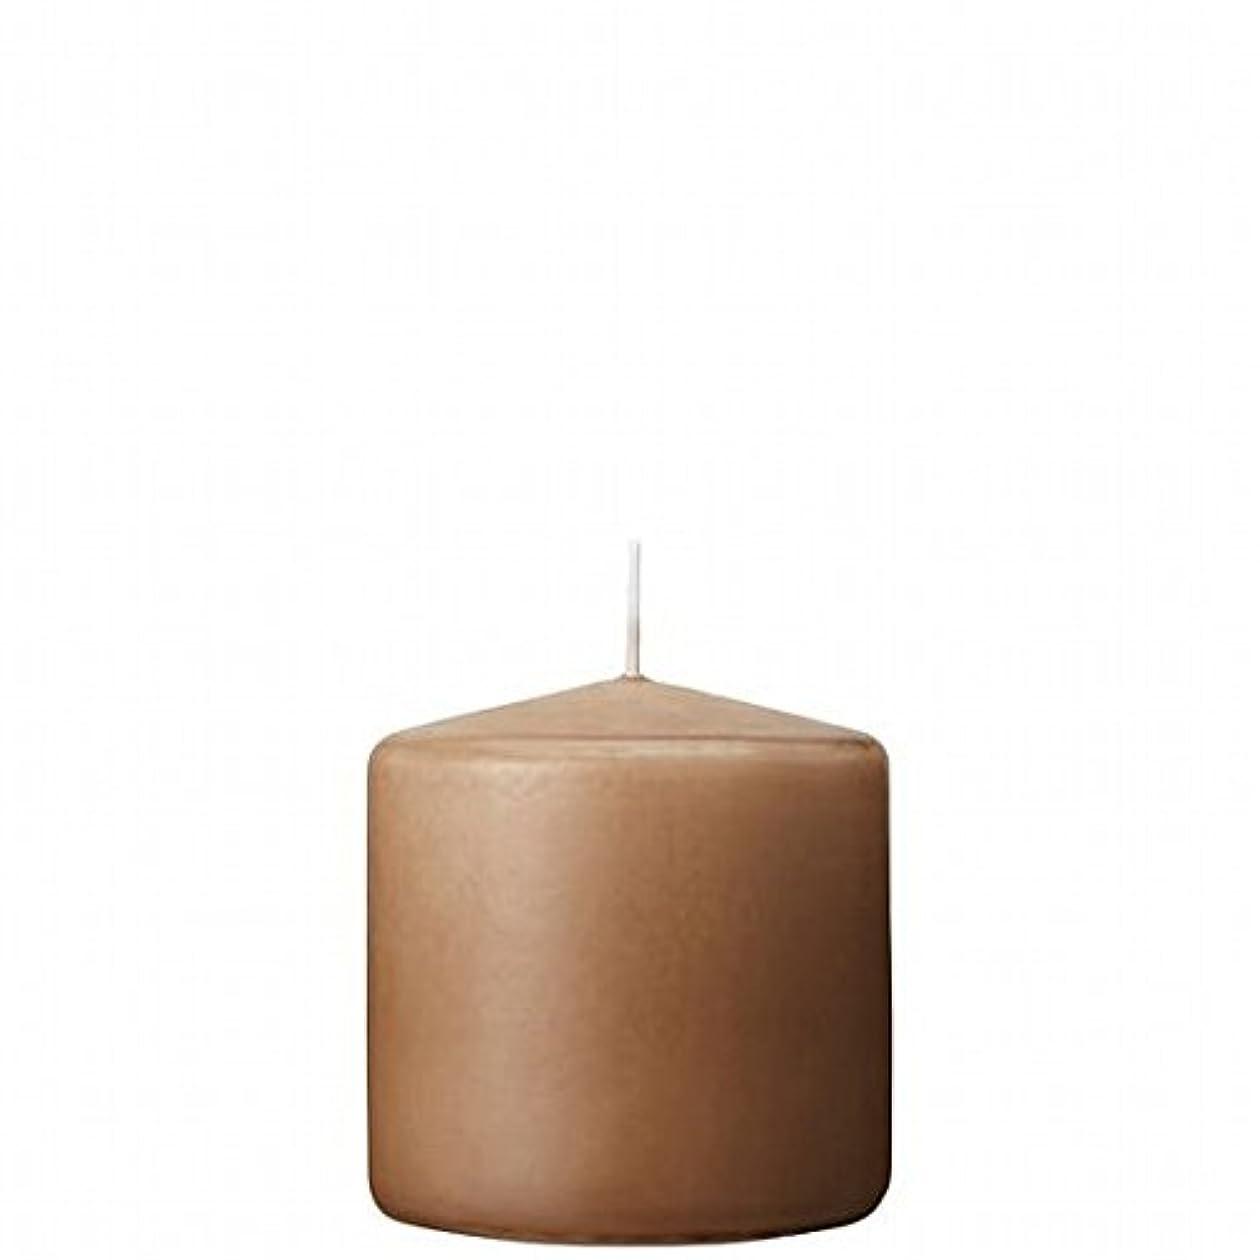 再生的戦闘思慮深いkameyama candle(カメヤマキャンドル) 3×3ベルトップピラーキャンドル 「 モカ 」(A9730000MO)